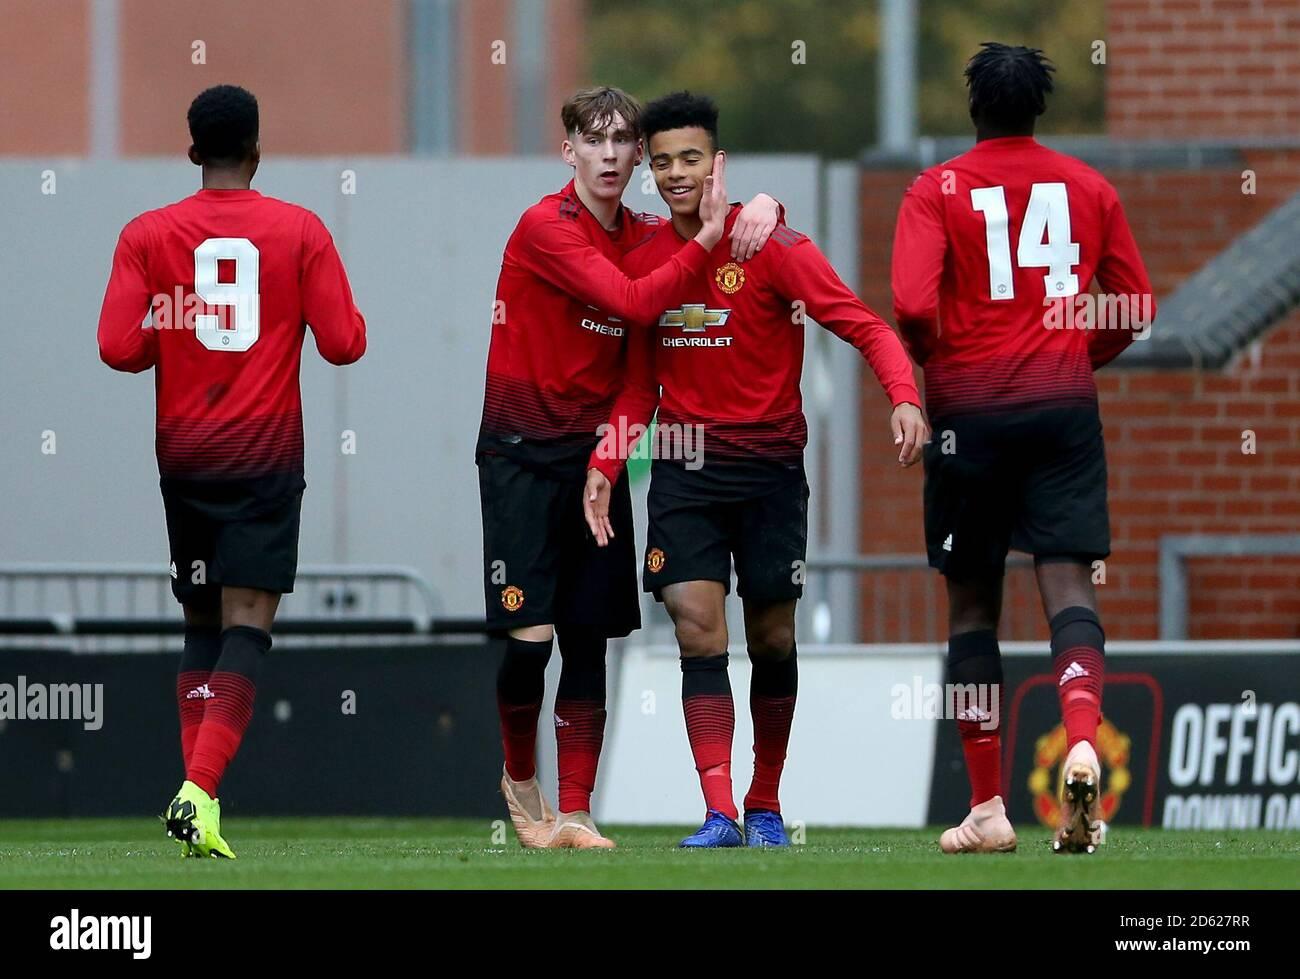 Manchester United's Mason Greenwood (Mitte rechts) Feiert Scoring seiner Seite das zweite Tor des Spiels mit Teamkollege James Garner von Manchester United (Mitte links) Stockfoto